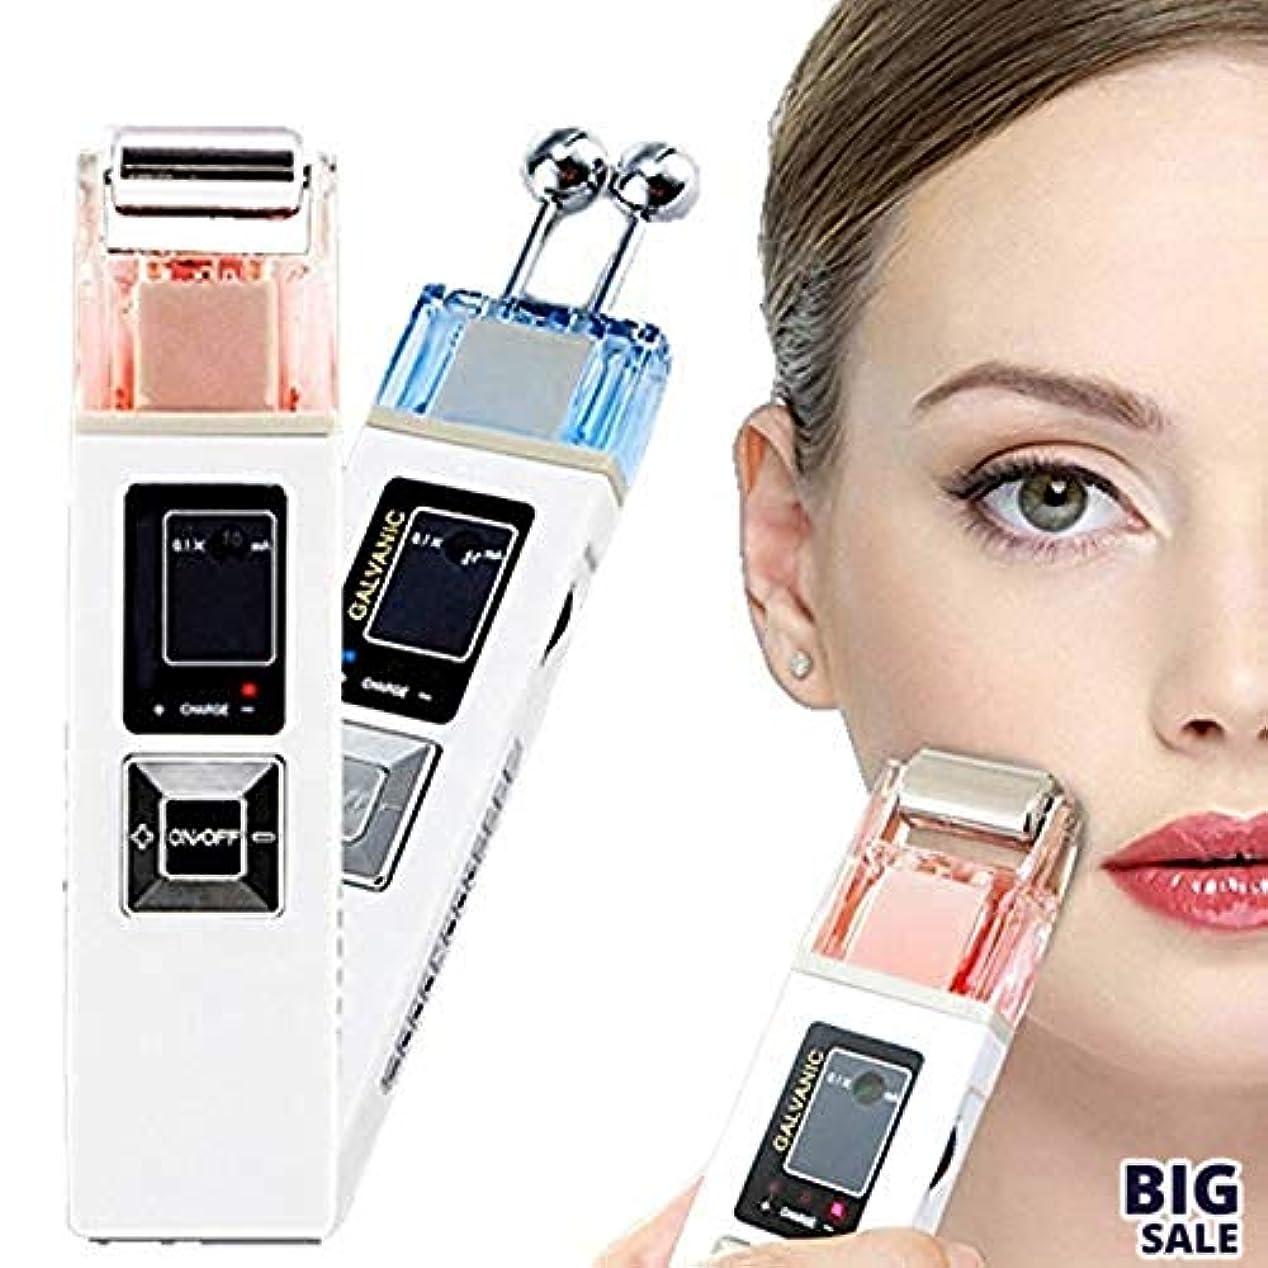 方法論手書きシャッフルNICEE5 1つの美顔装置に付き、無線周波持ち上がるEMS LCDライトガルバニックイオン療法は若返り、滑らかな良いラインスキンケアのきつく締まりますNICEY